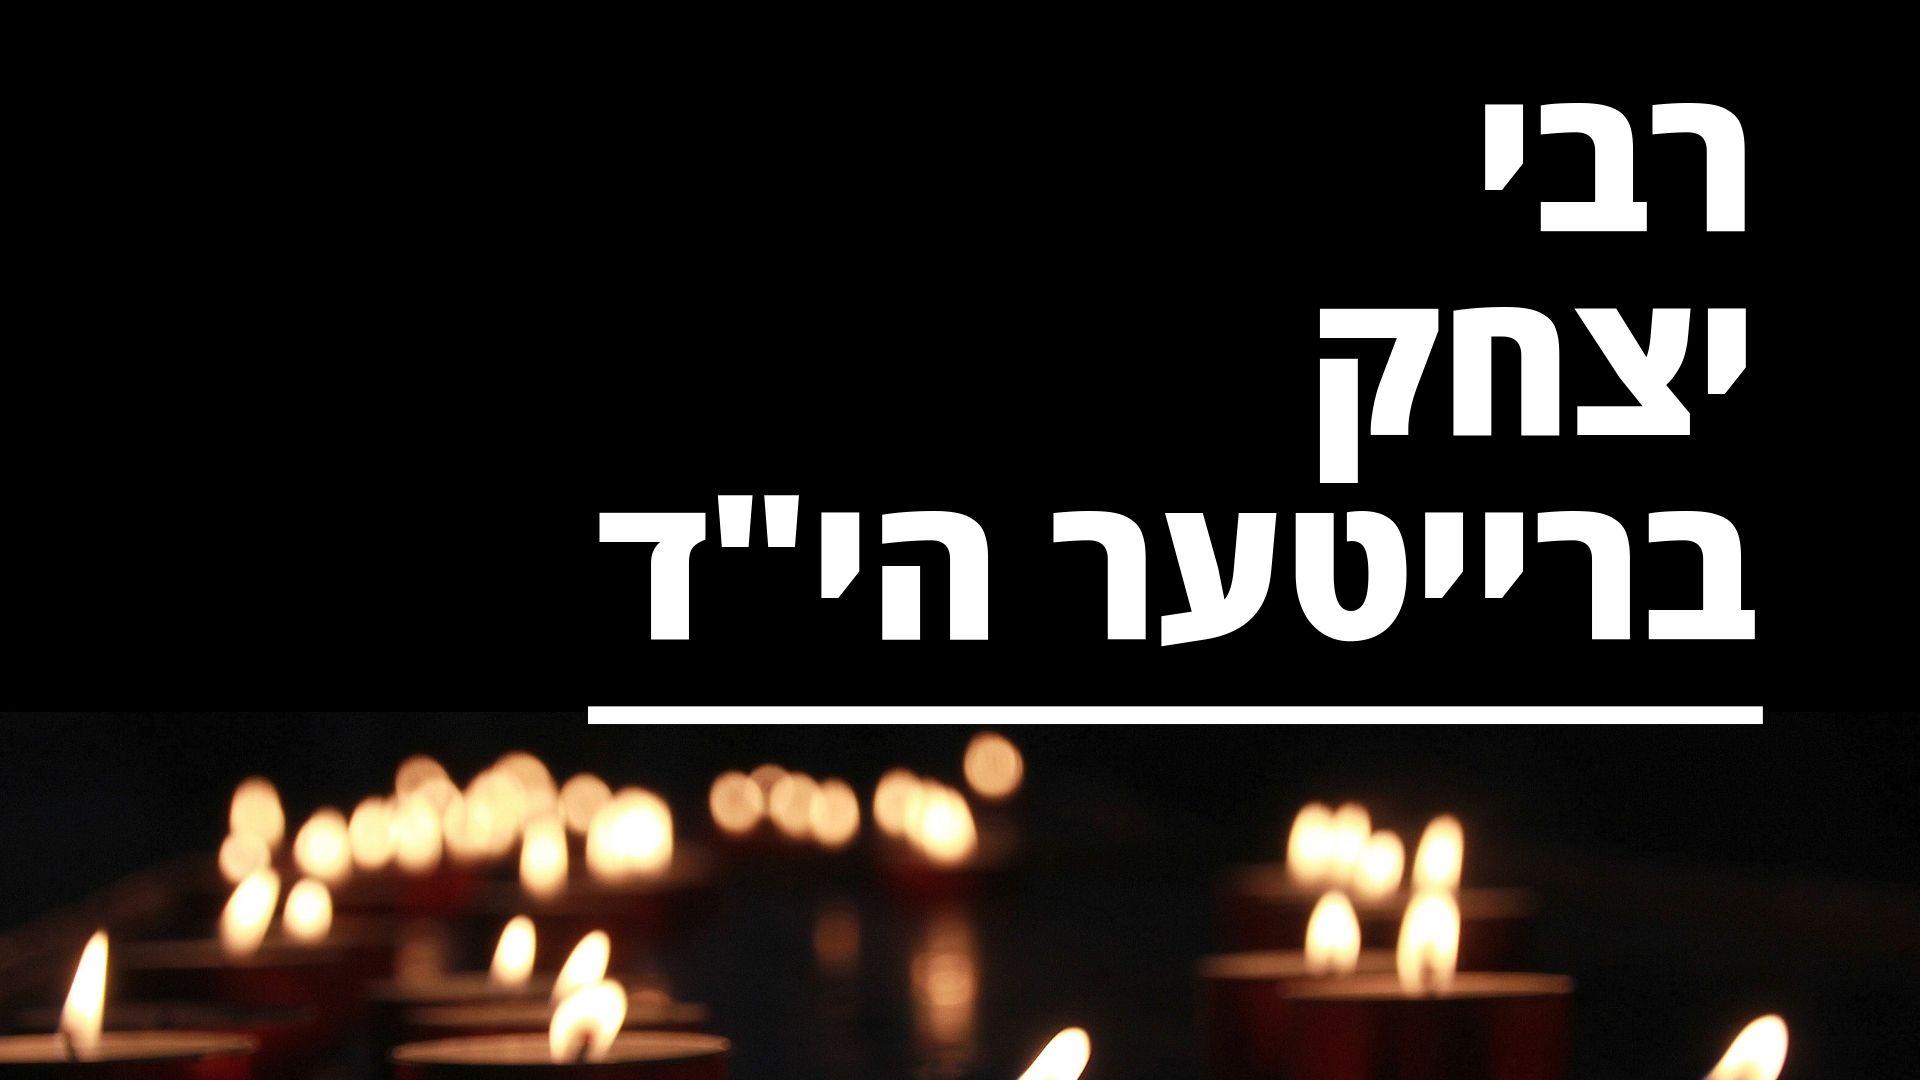 רבי יצחק ברייטר הי